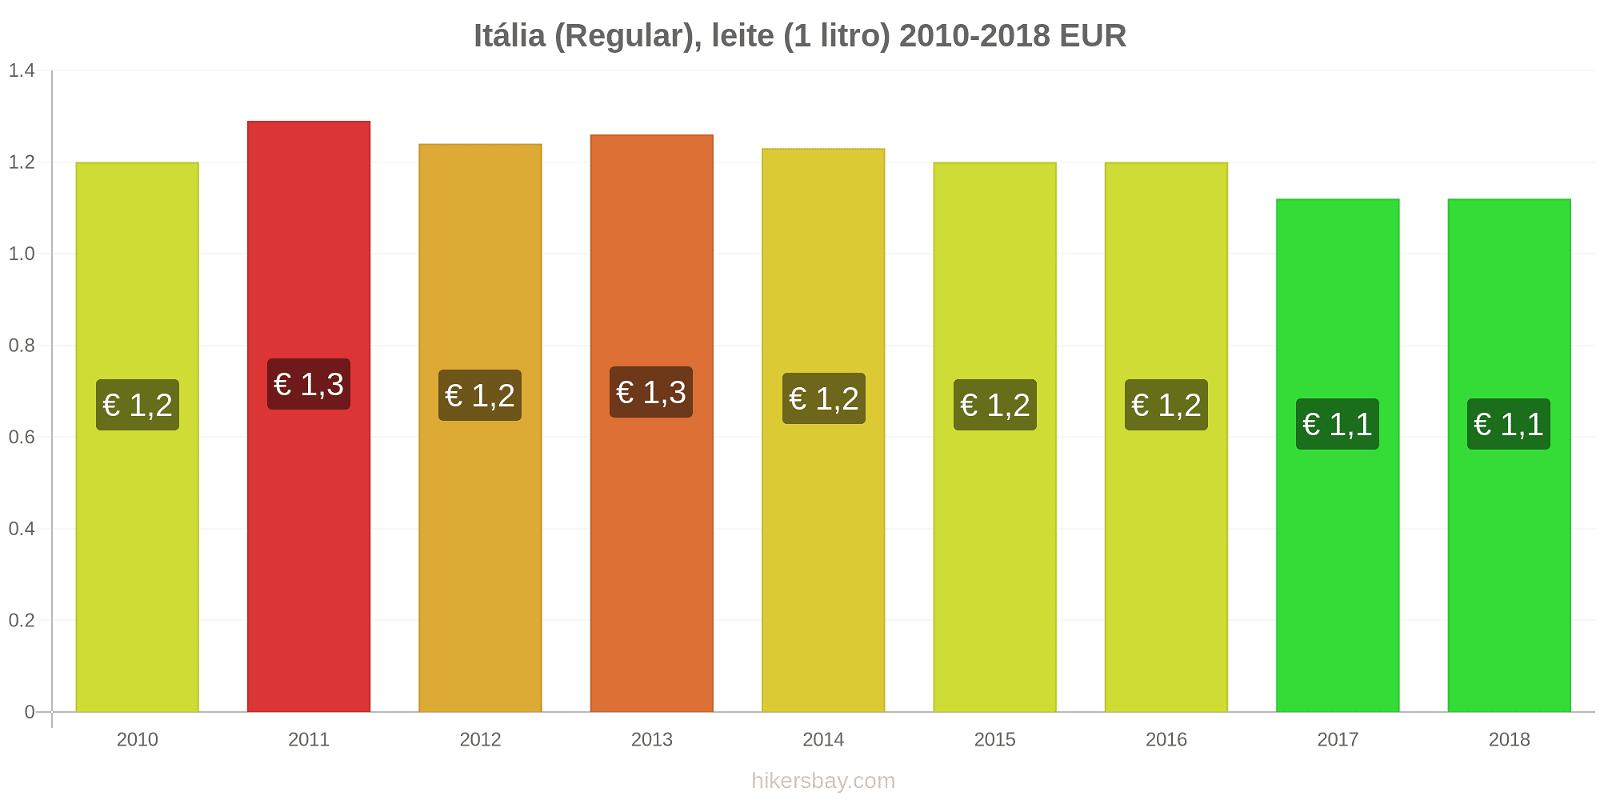 Itália variação de preço (Regular), leite (1 litro) hikersbay.com